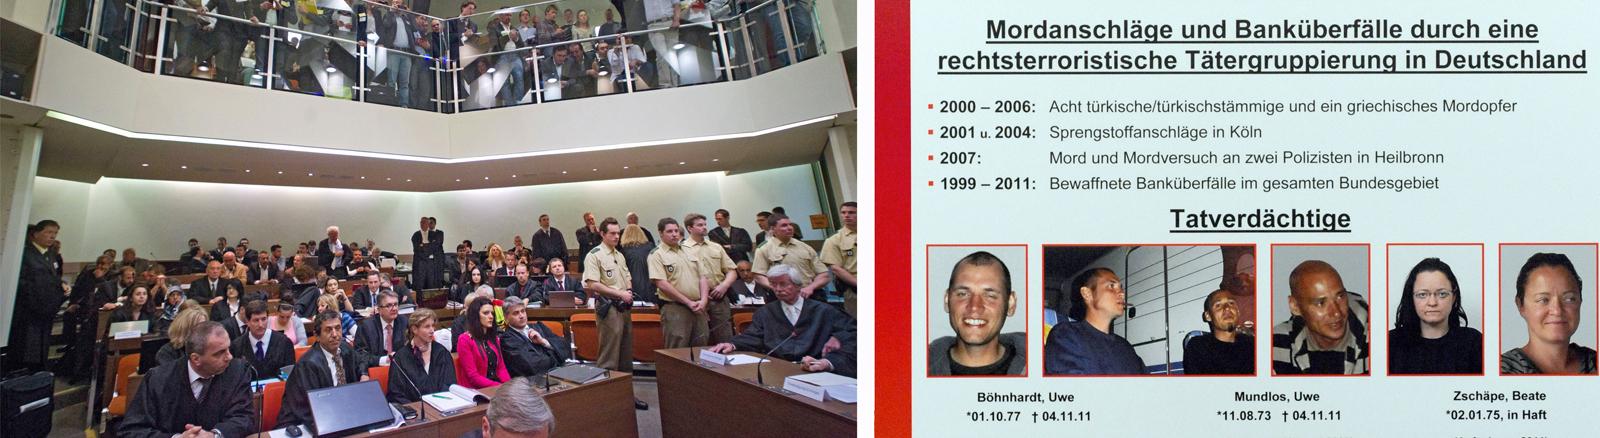 Der Verhandlungssaal im Oberlandesgericht München (links) und das Fahndungsplakat , das die Ermittler am 1. Dezember 2011 der Öffentlichkeit vorgestellt haben.